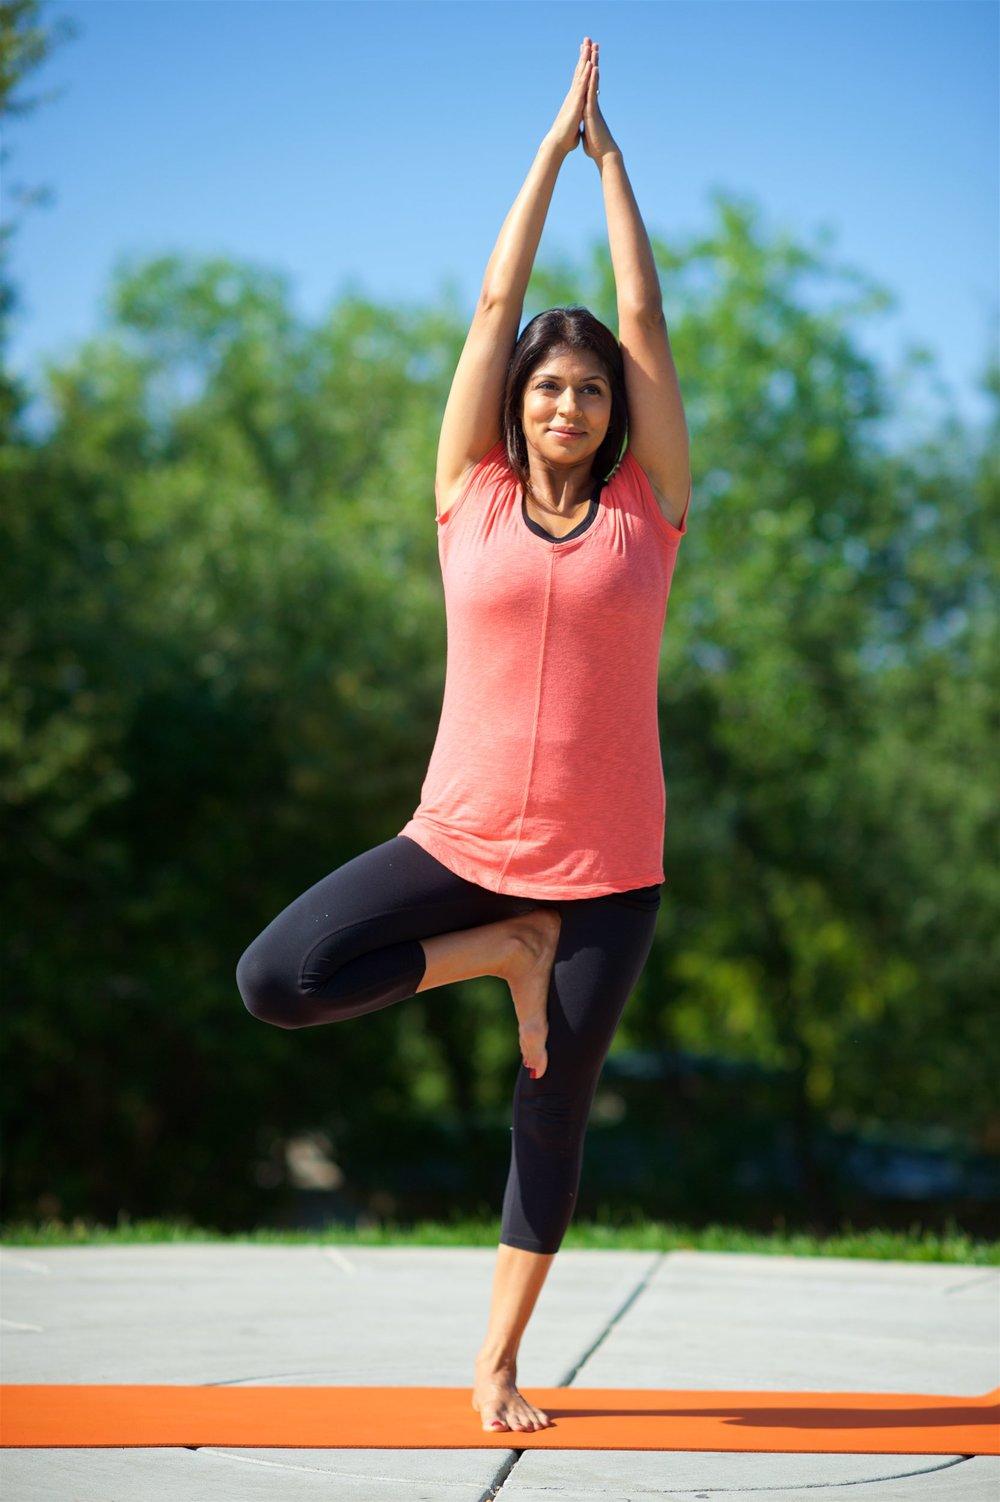 fitness-yoga-06.jpg